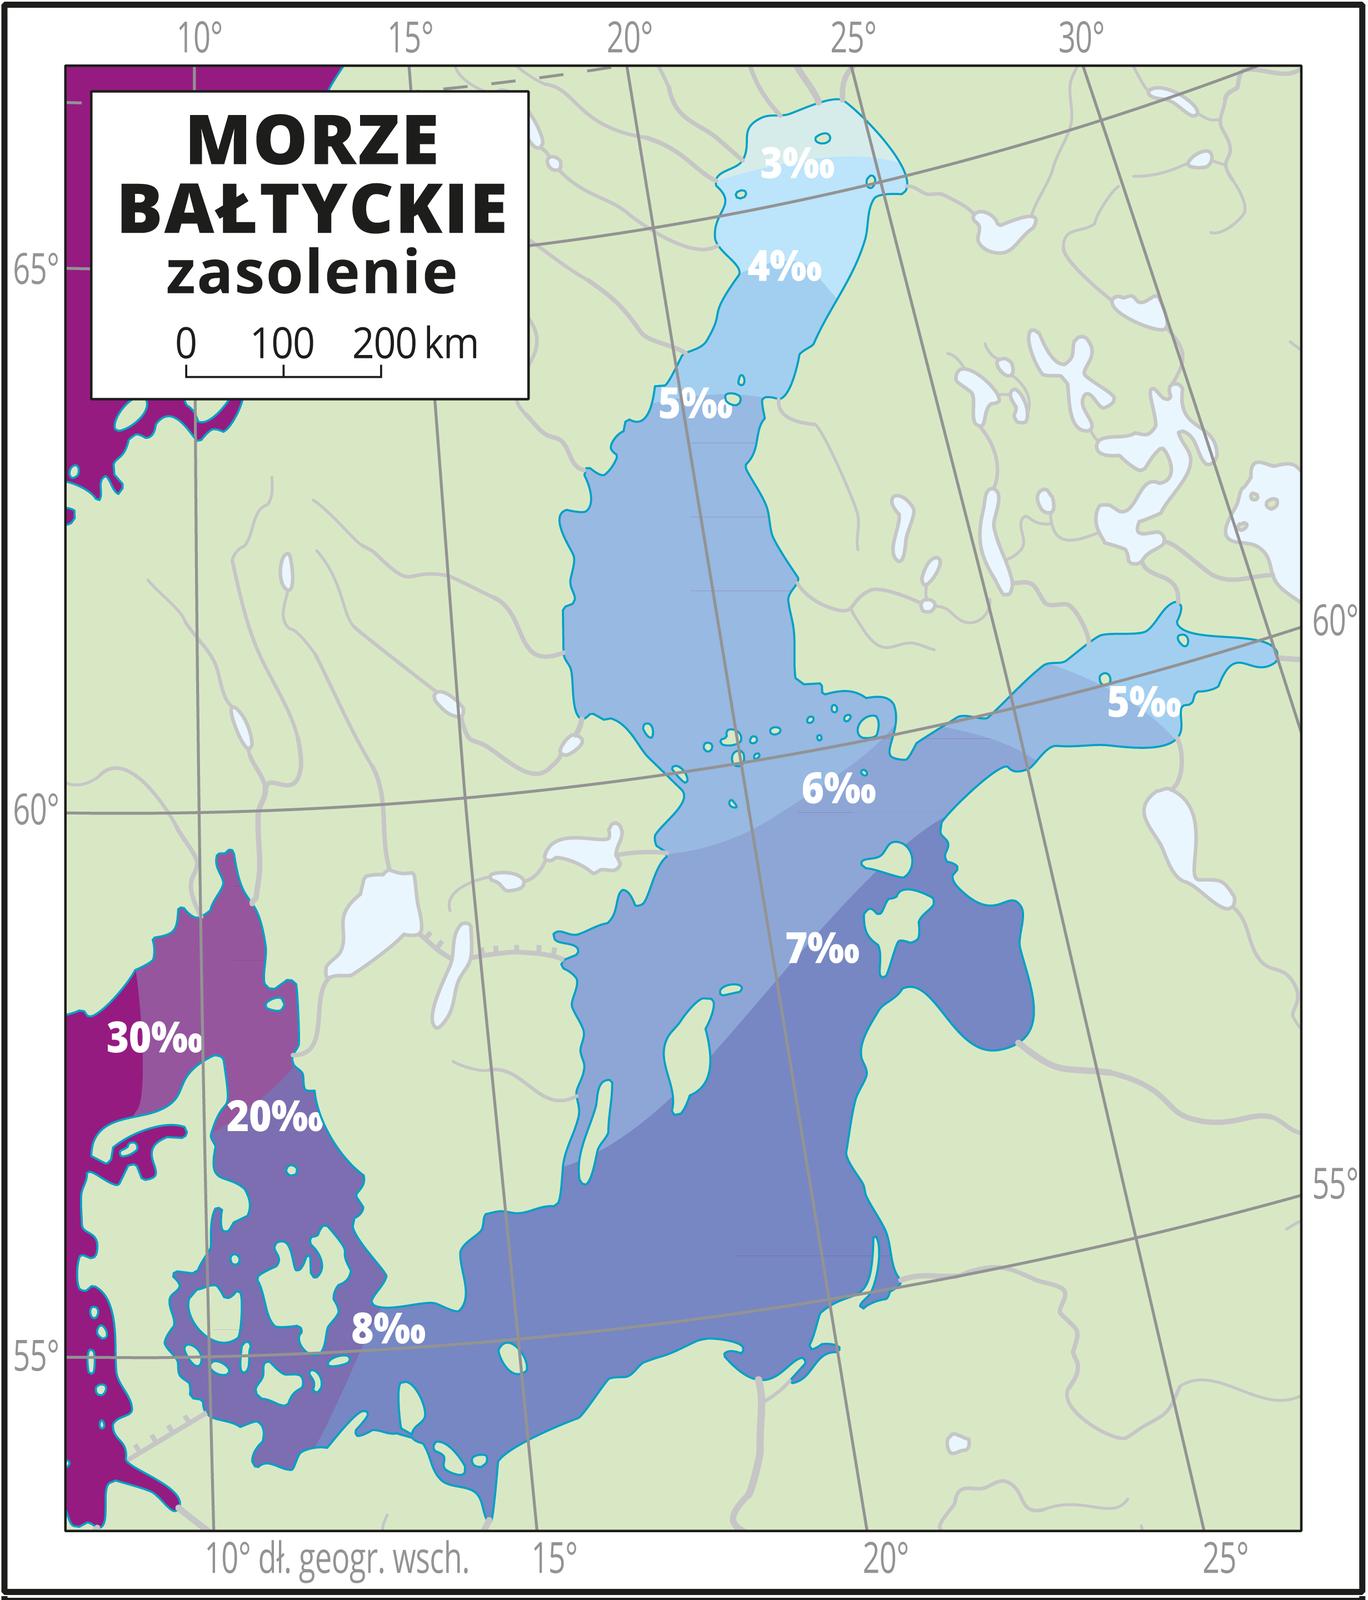 Ilustracja przedstawia mapę Morza Bałtyckiego. Natężeniem koloru niebieskiego przedstawiono zasolenie od trzech promili na północy do ośmiu promili wpołudniowej części Morza Bałtyckiego (u wybrzeży Polski). WCieśninach Duńskich zasolenie wynosi 20–30 promili. Mapa pokryta jest równoleżnikami ipołudnikami. Dookoła mapy wbiałej ramce opisano współrzędne geograficzne co pięć stopni. Wlegendzie umieszczono iopisano kolory użyte na mapie.